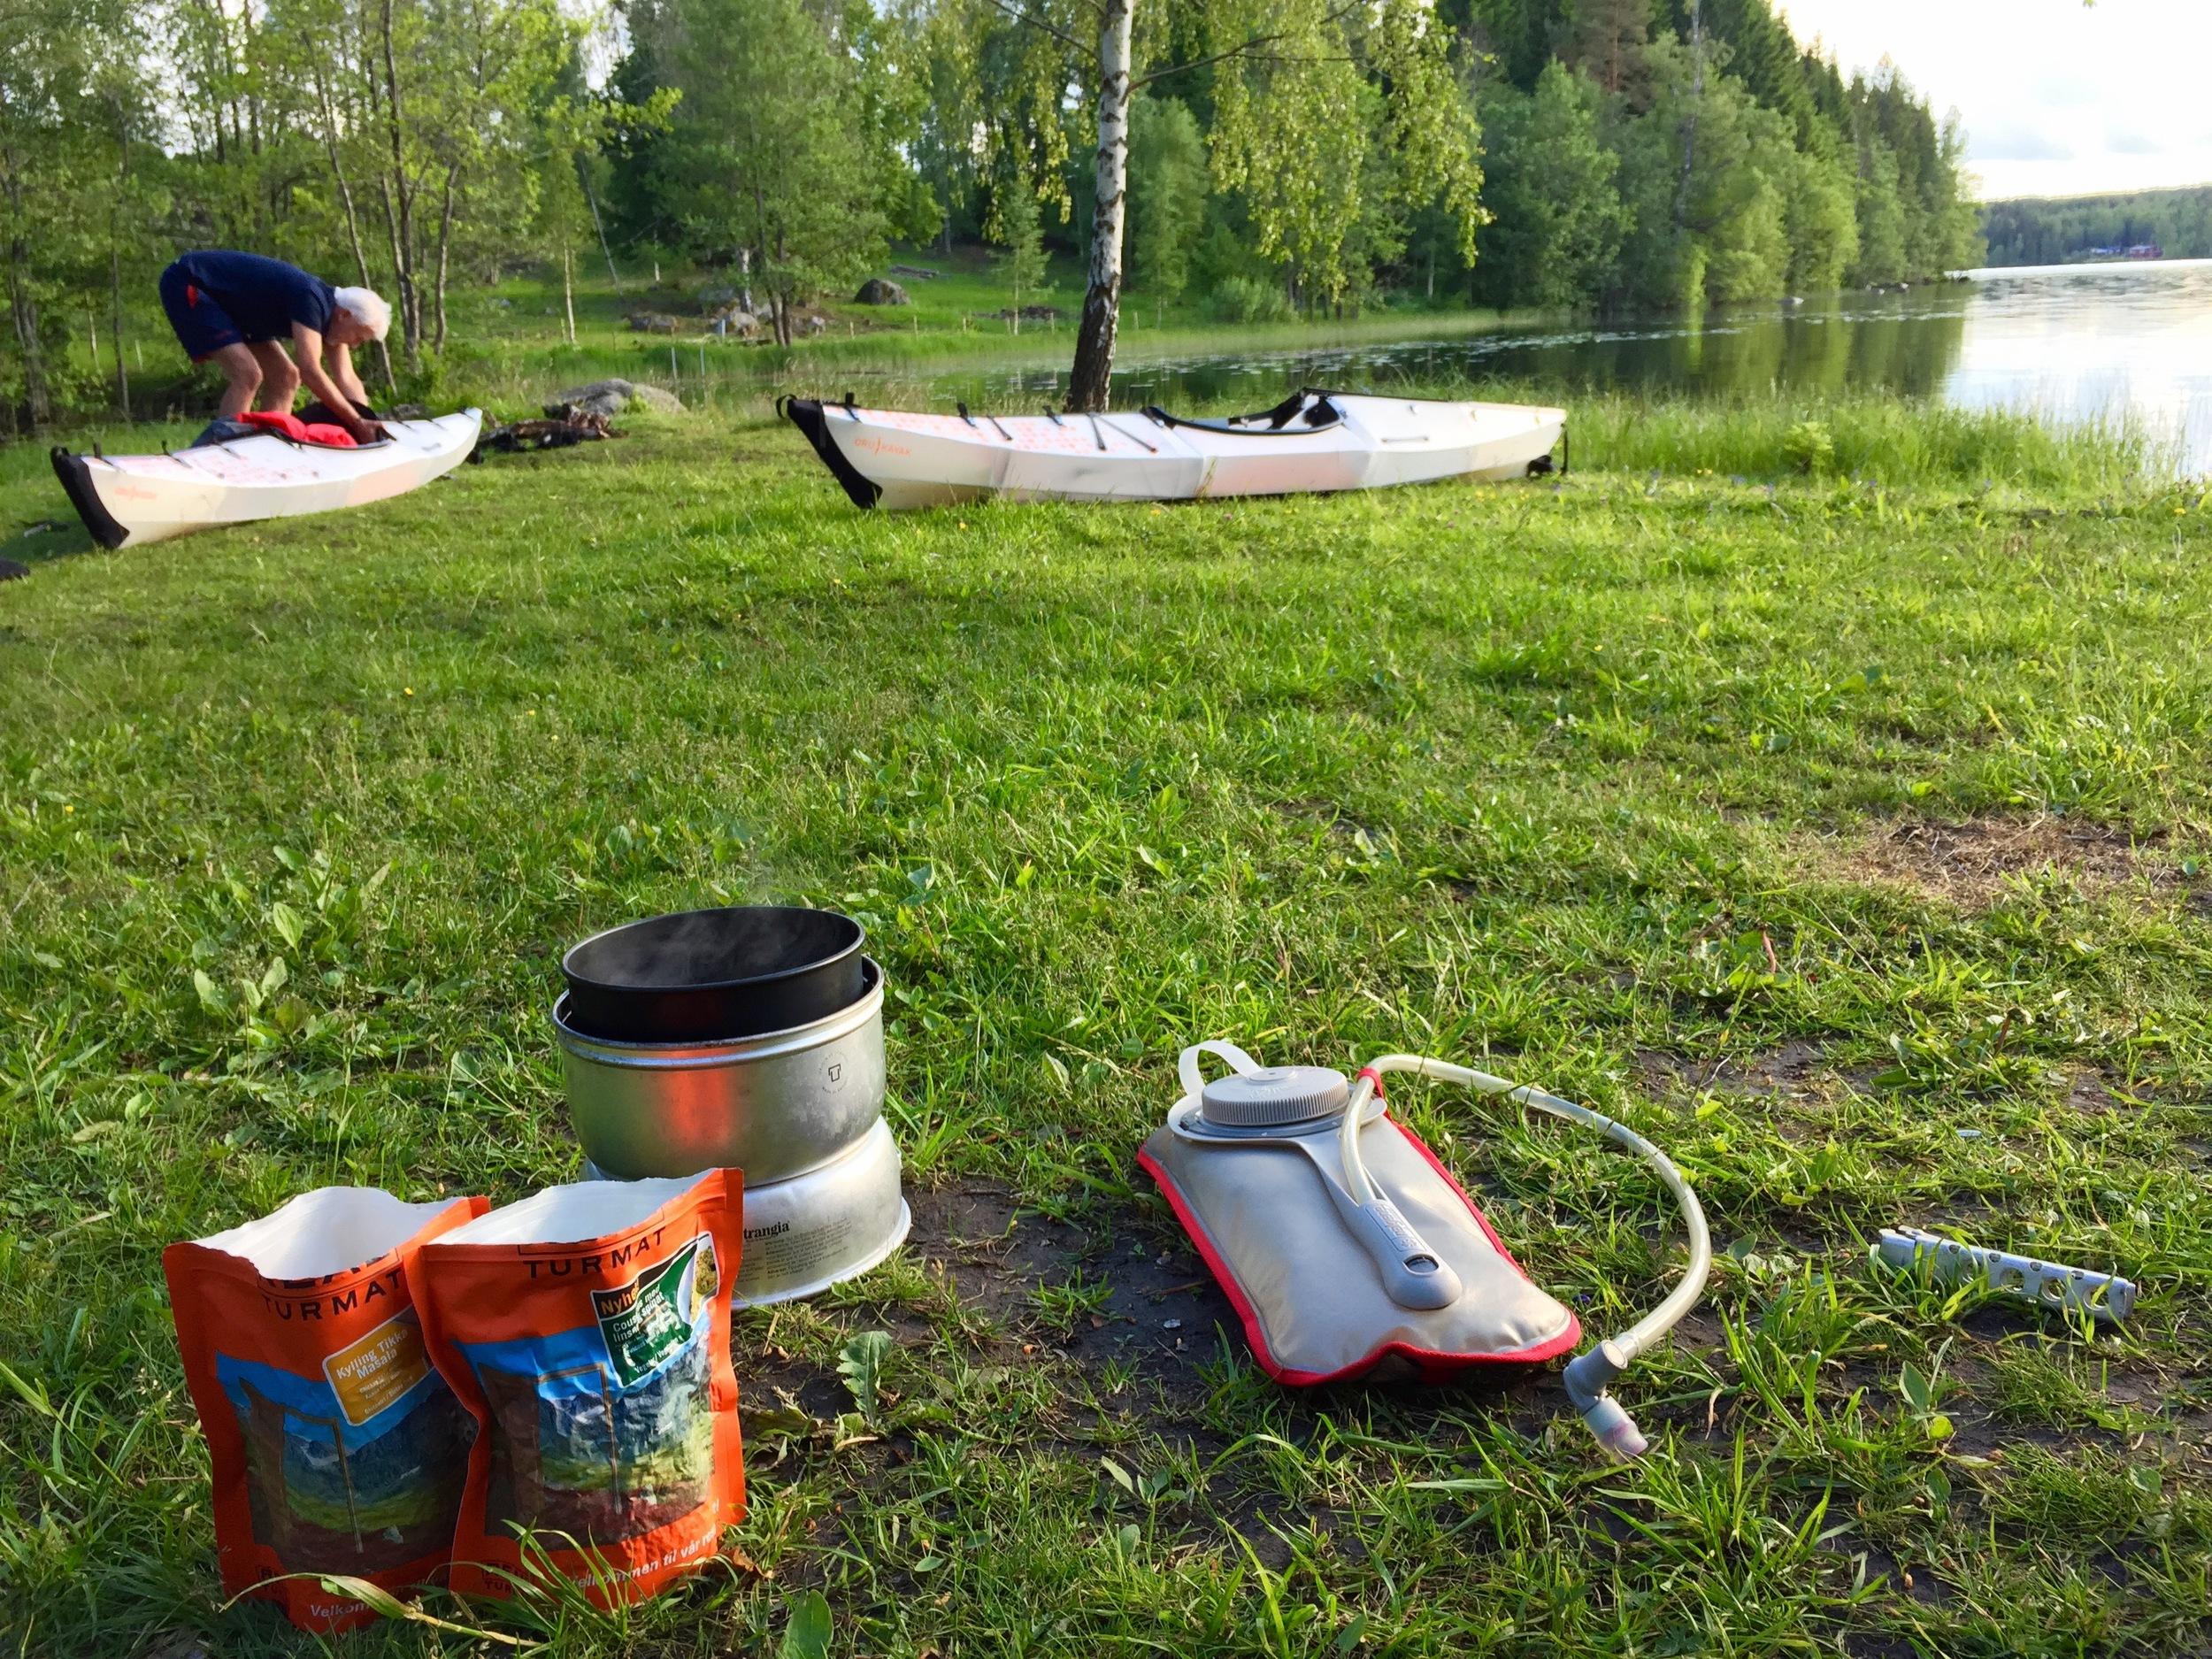 Assembling and packing Kayaks